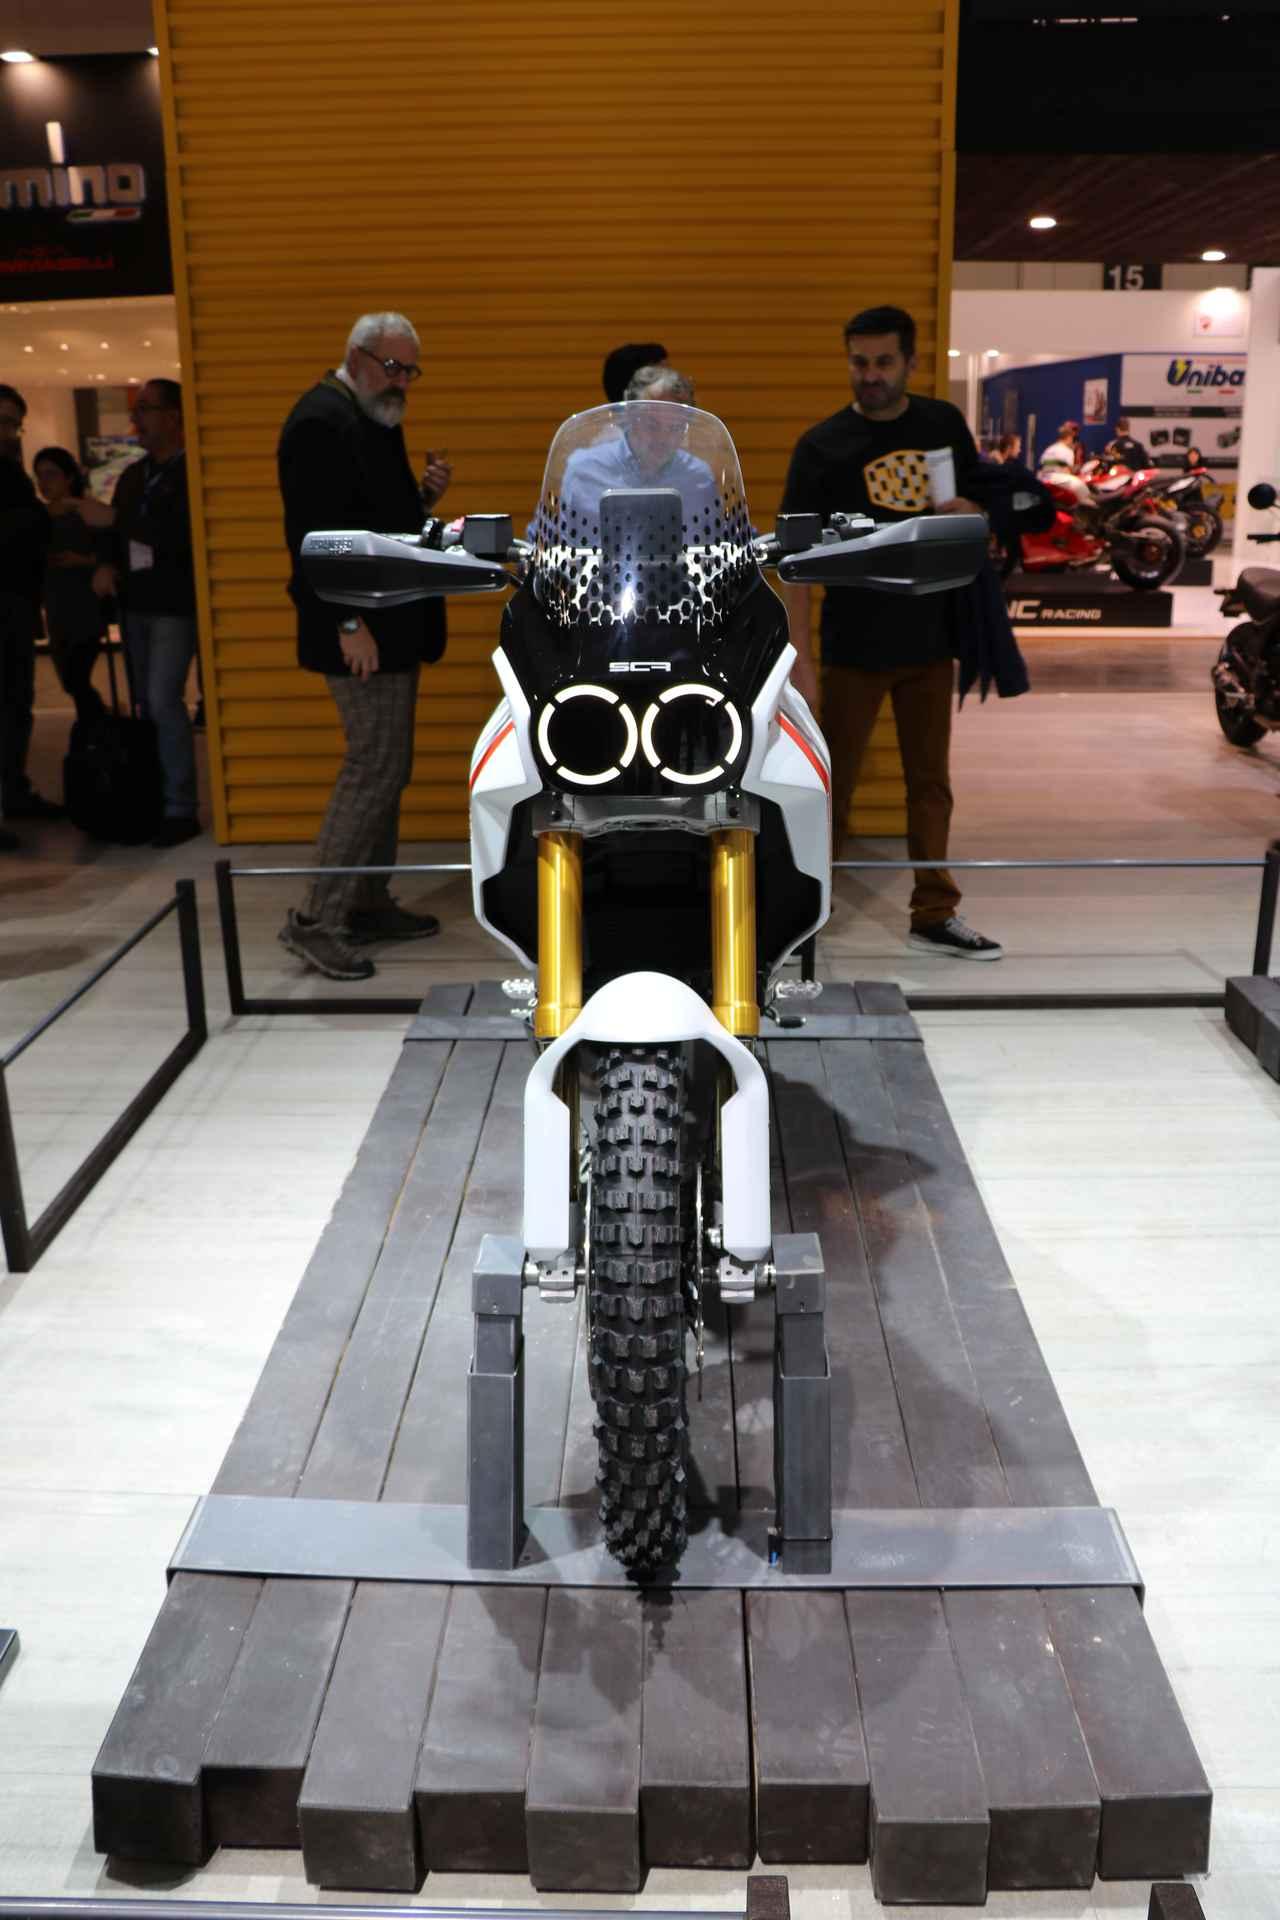 Images : 10番目の画像 - スクランブラー デザートXの写真を見る! - webオートバイ